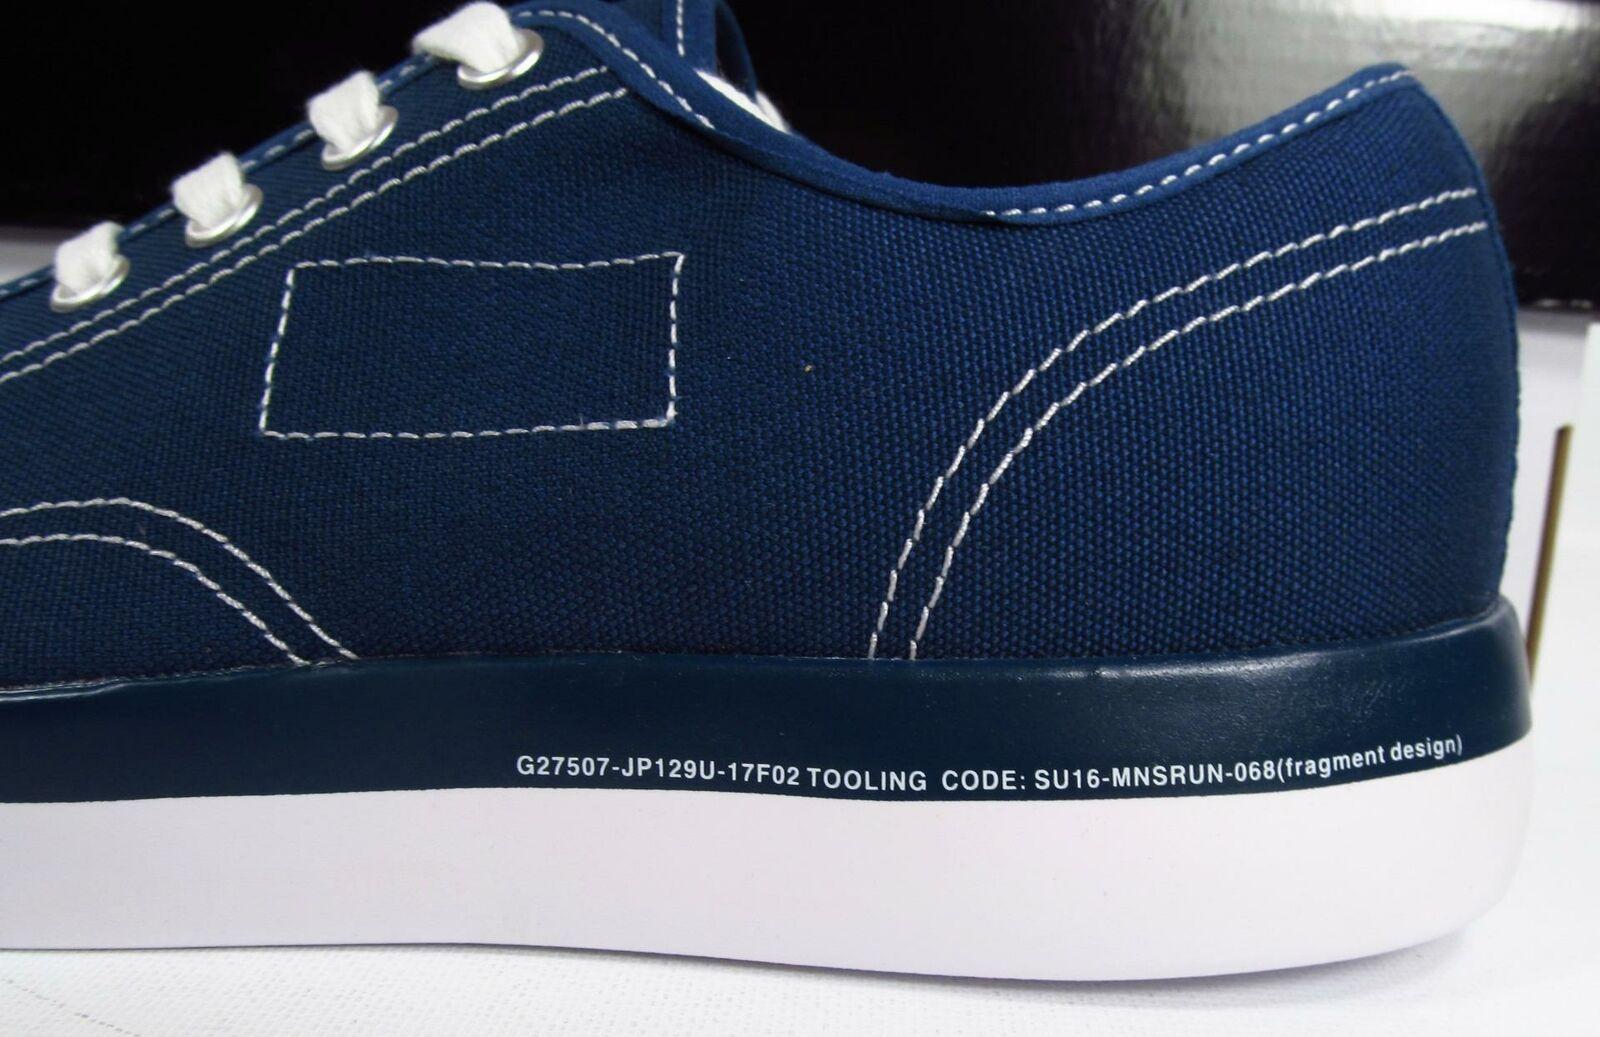 Converse x Fragment Design Jack Purcell JP Modern Ox Navy Blue 160157C Men's 9